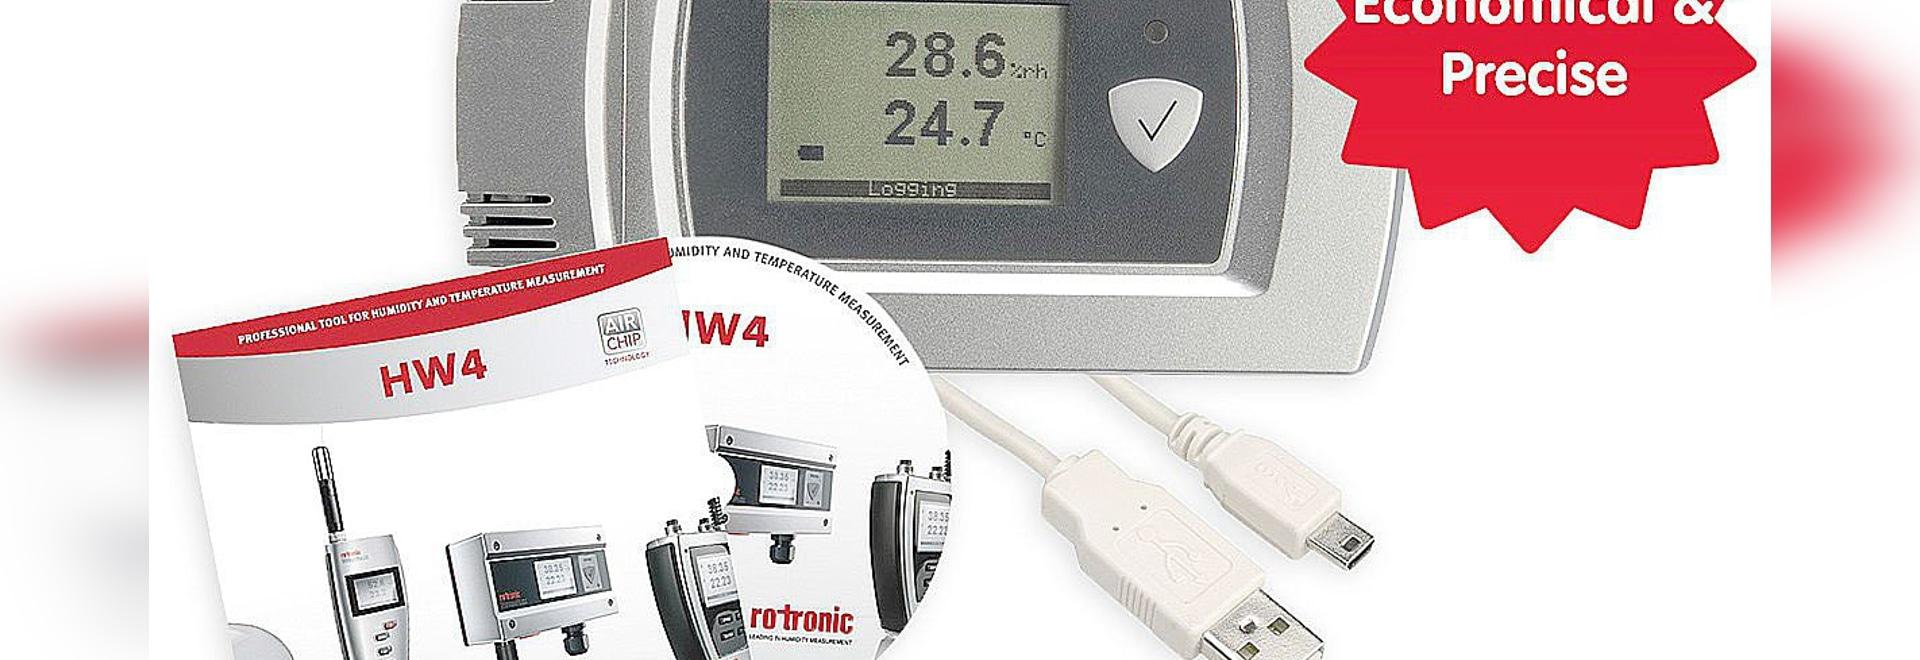 HL-20 - Logger per umidità relativa e temperatura. Elevata precisione di misura: 0,8 %ur e 0,2 °C.